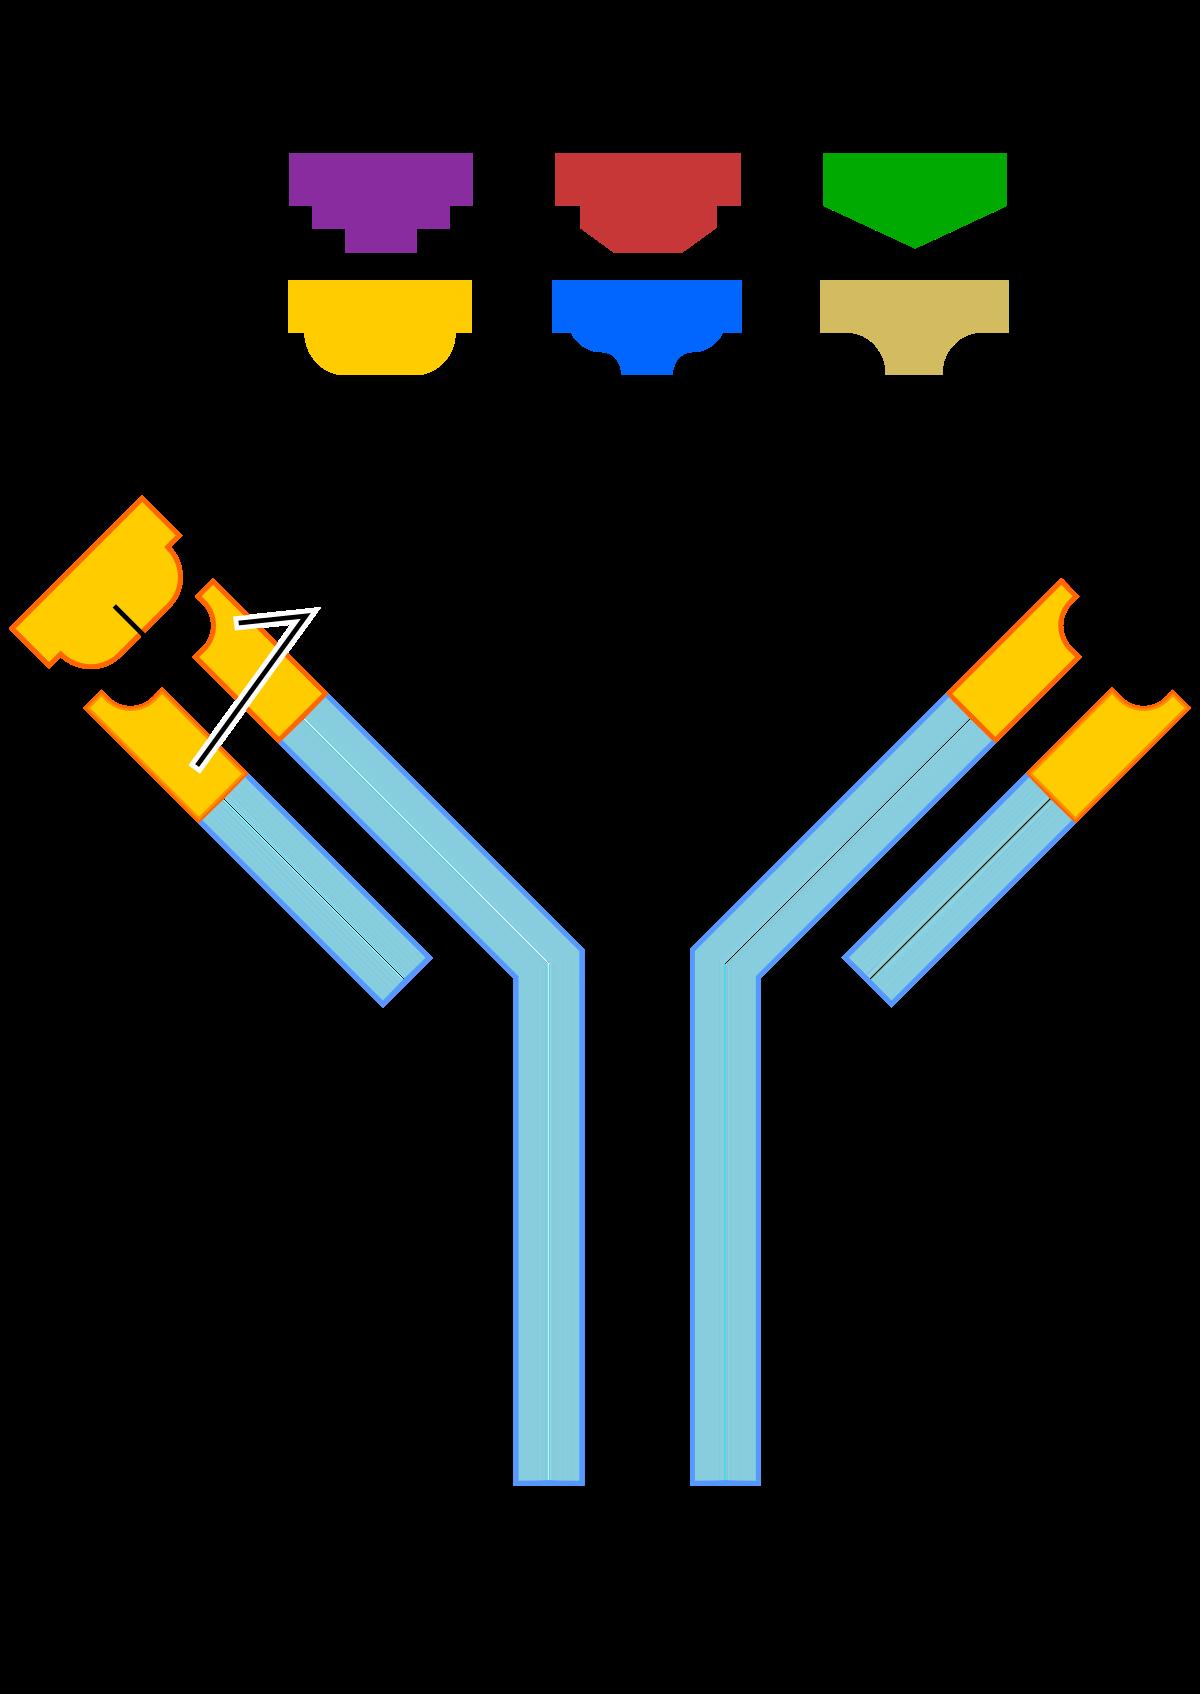 pikkelysömör kezelése monoklonális antitestekkel